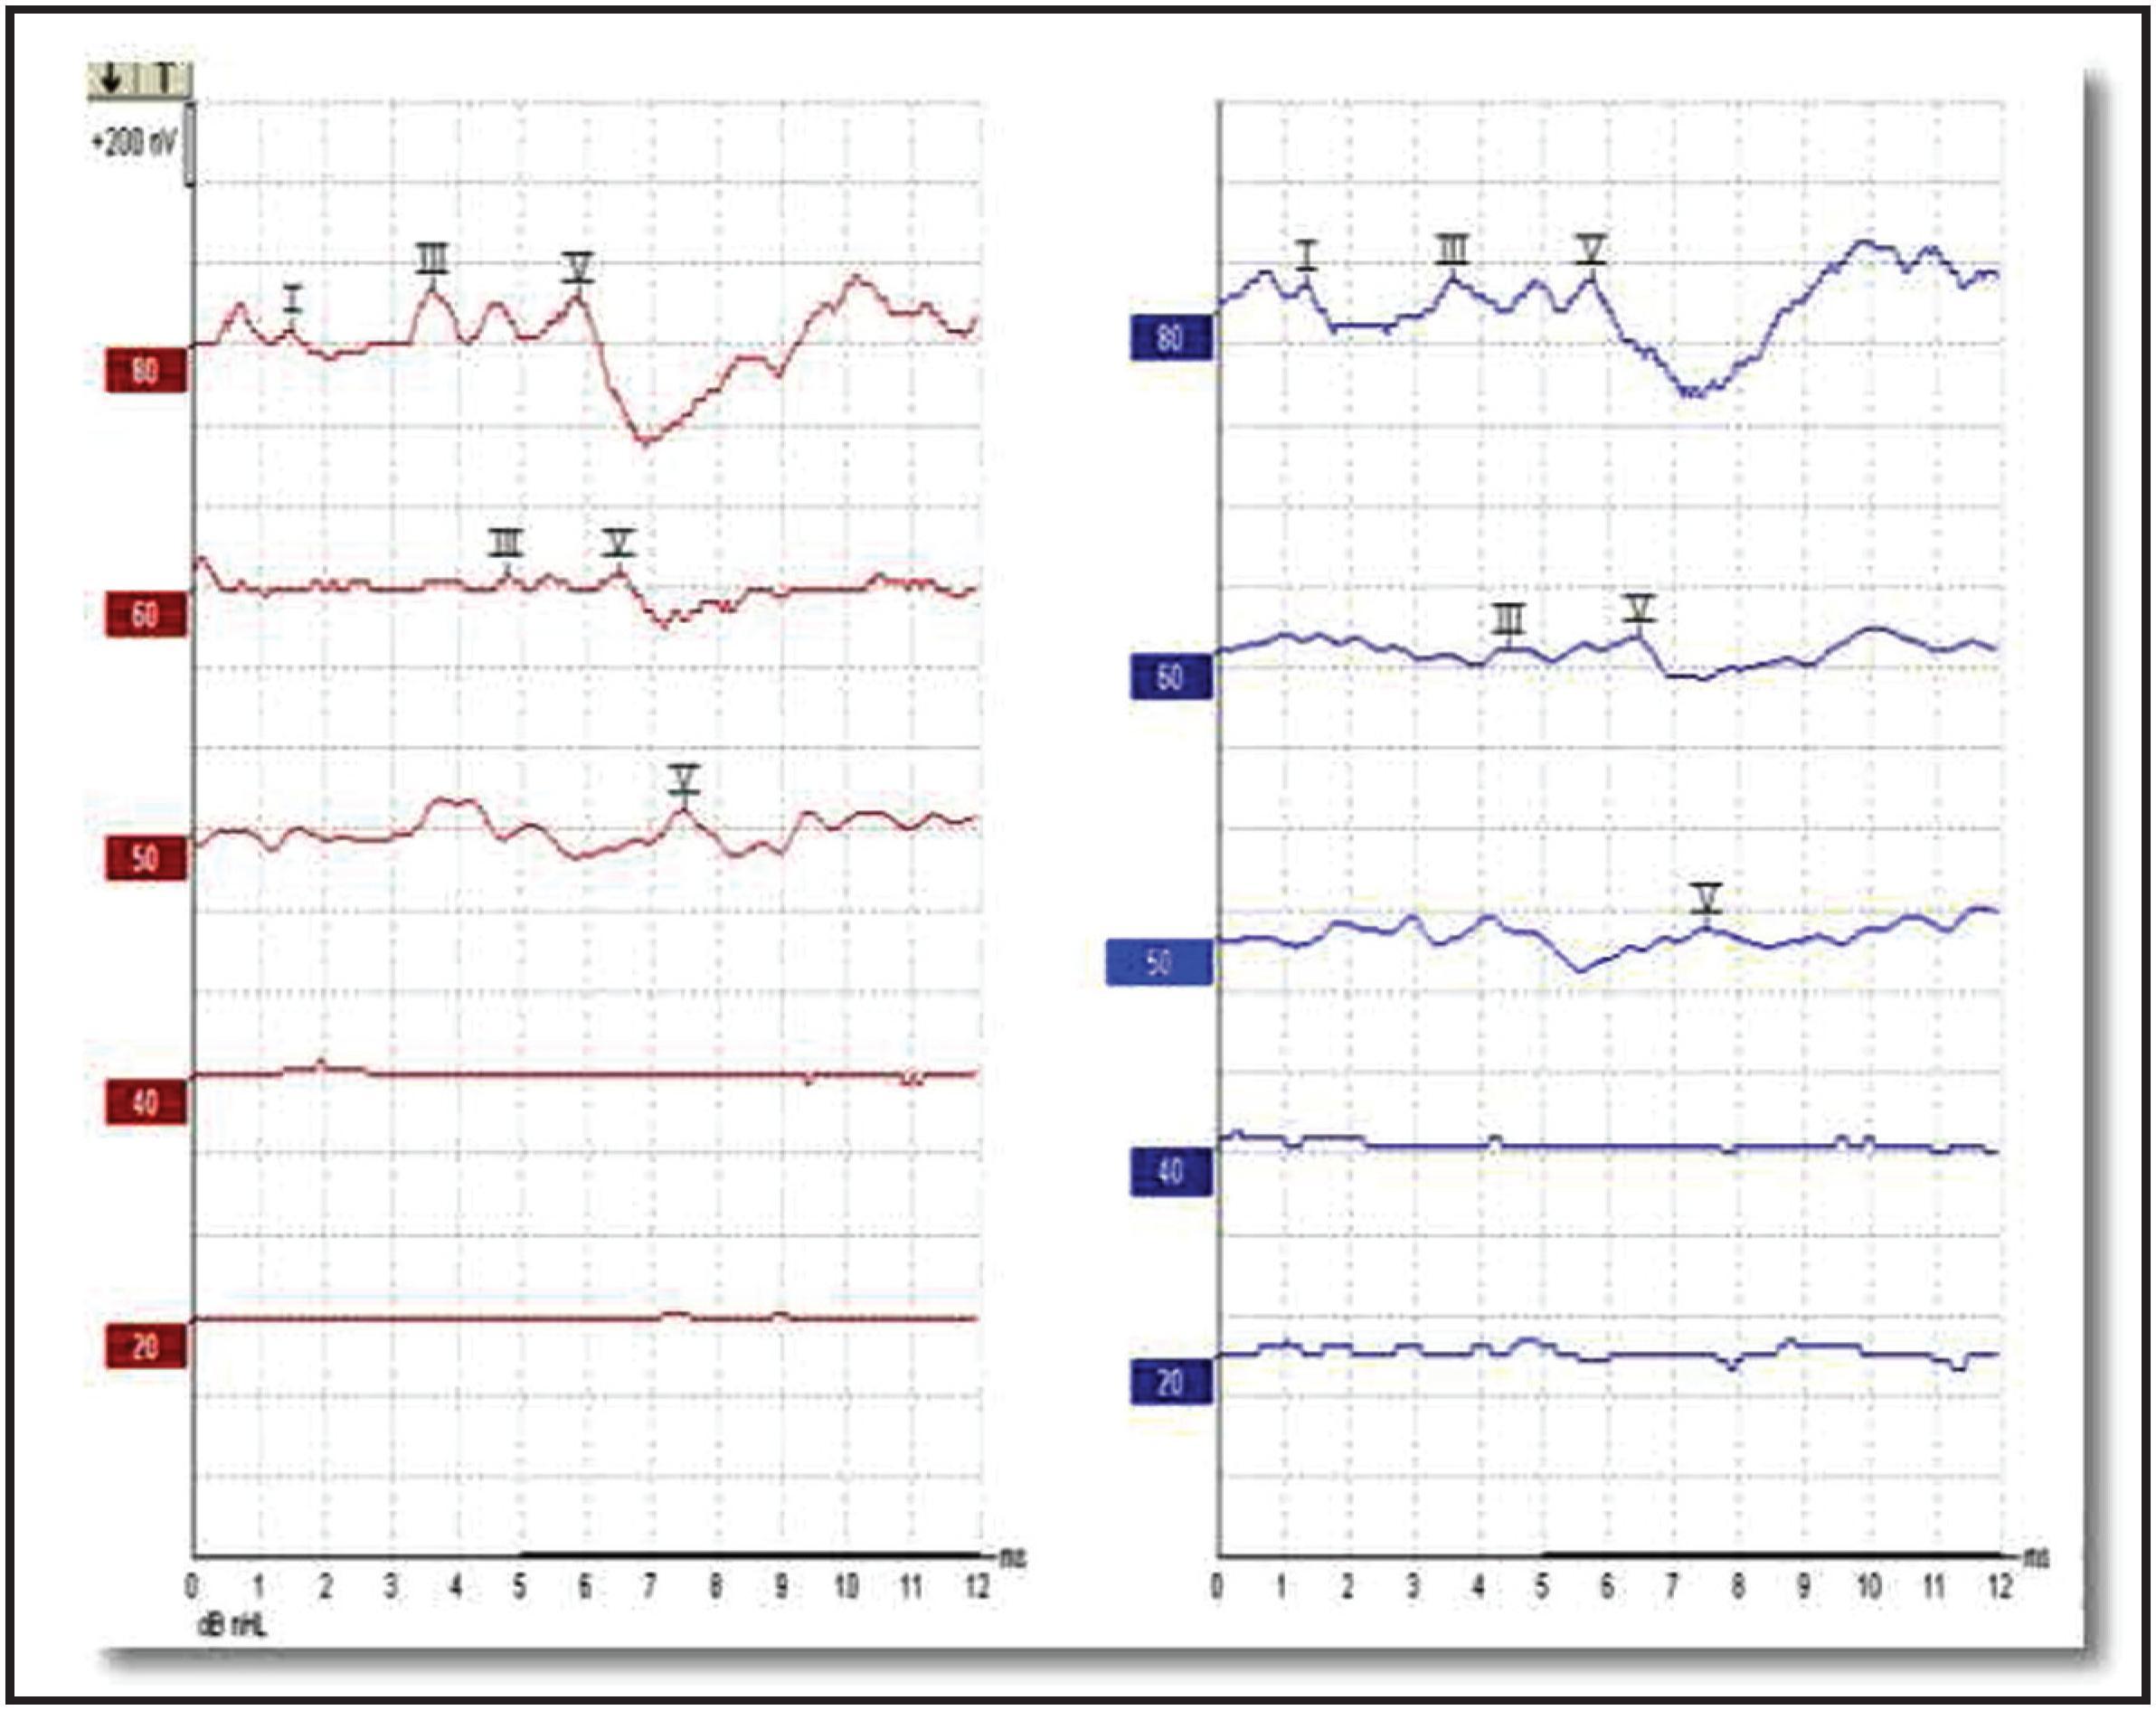 Correlación Del Umbral De Potencial Evocado Auditivo De Tronco Cerebral Con El Umbral De Potencial Evocado Auditivo De Estado Estable En Pacientes Hipoacúsicos